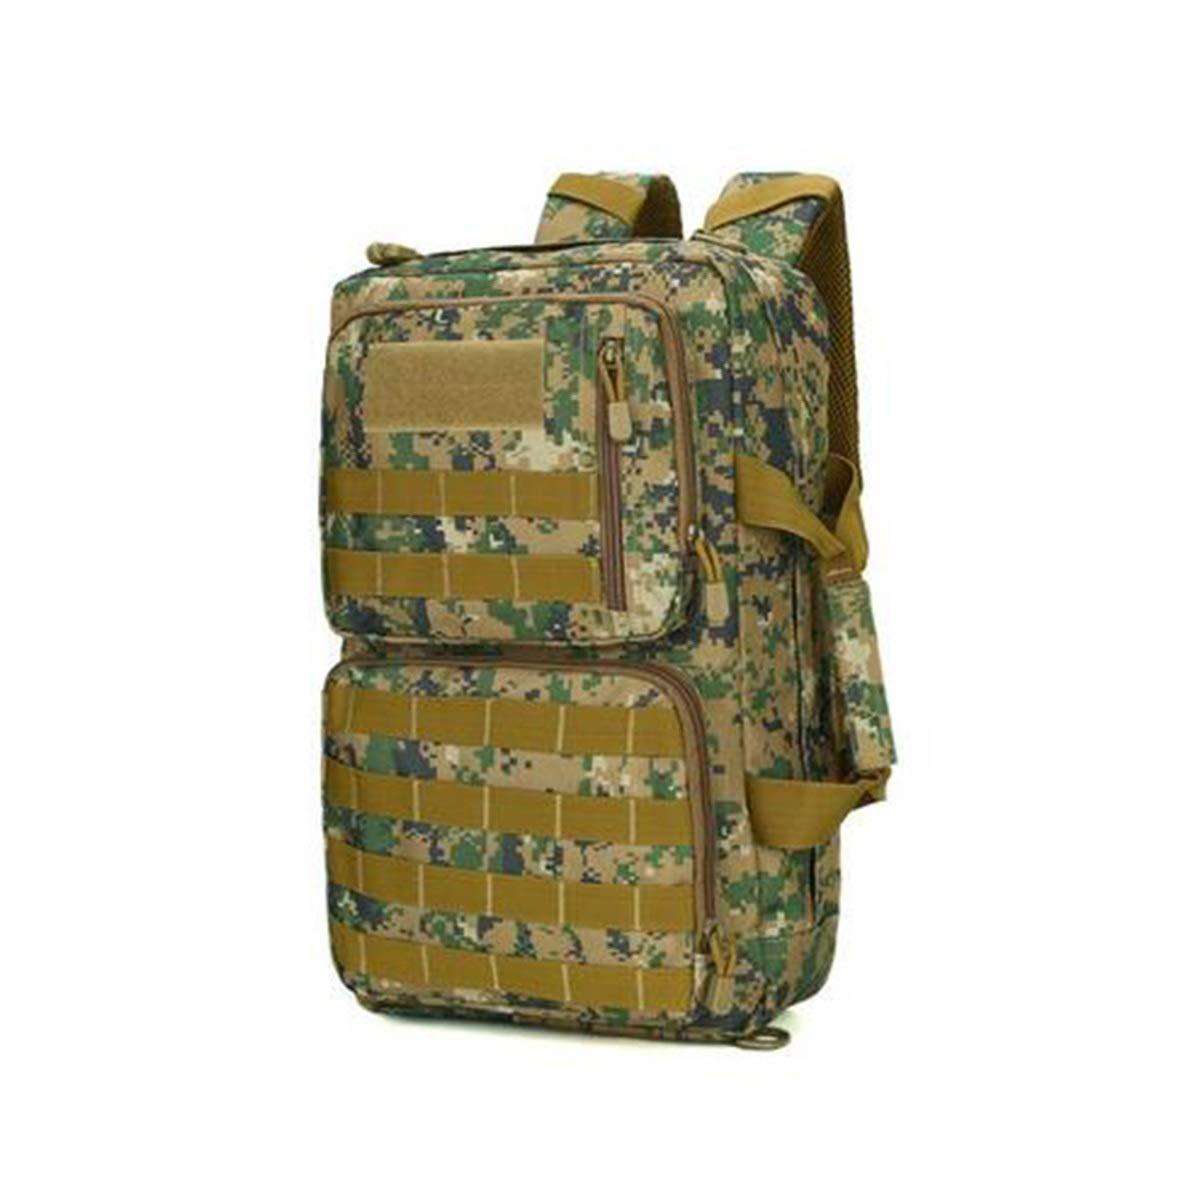 656c4a7e6e Haoyunlai Zaino da campeggio, borsa borsa borsa per computer, borsa da  alpinismo per uomini e donne impermeabili militari camuffamento e5e3ef